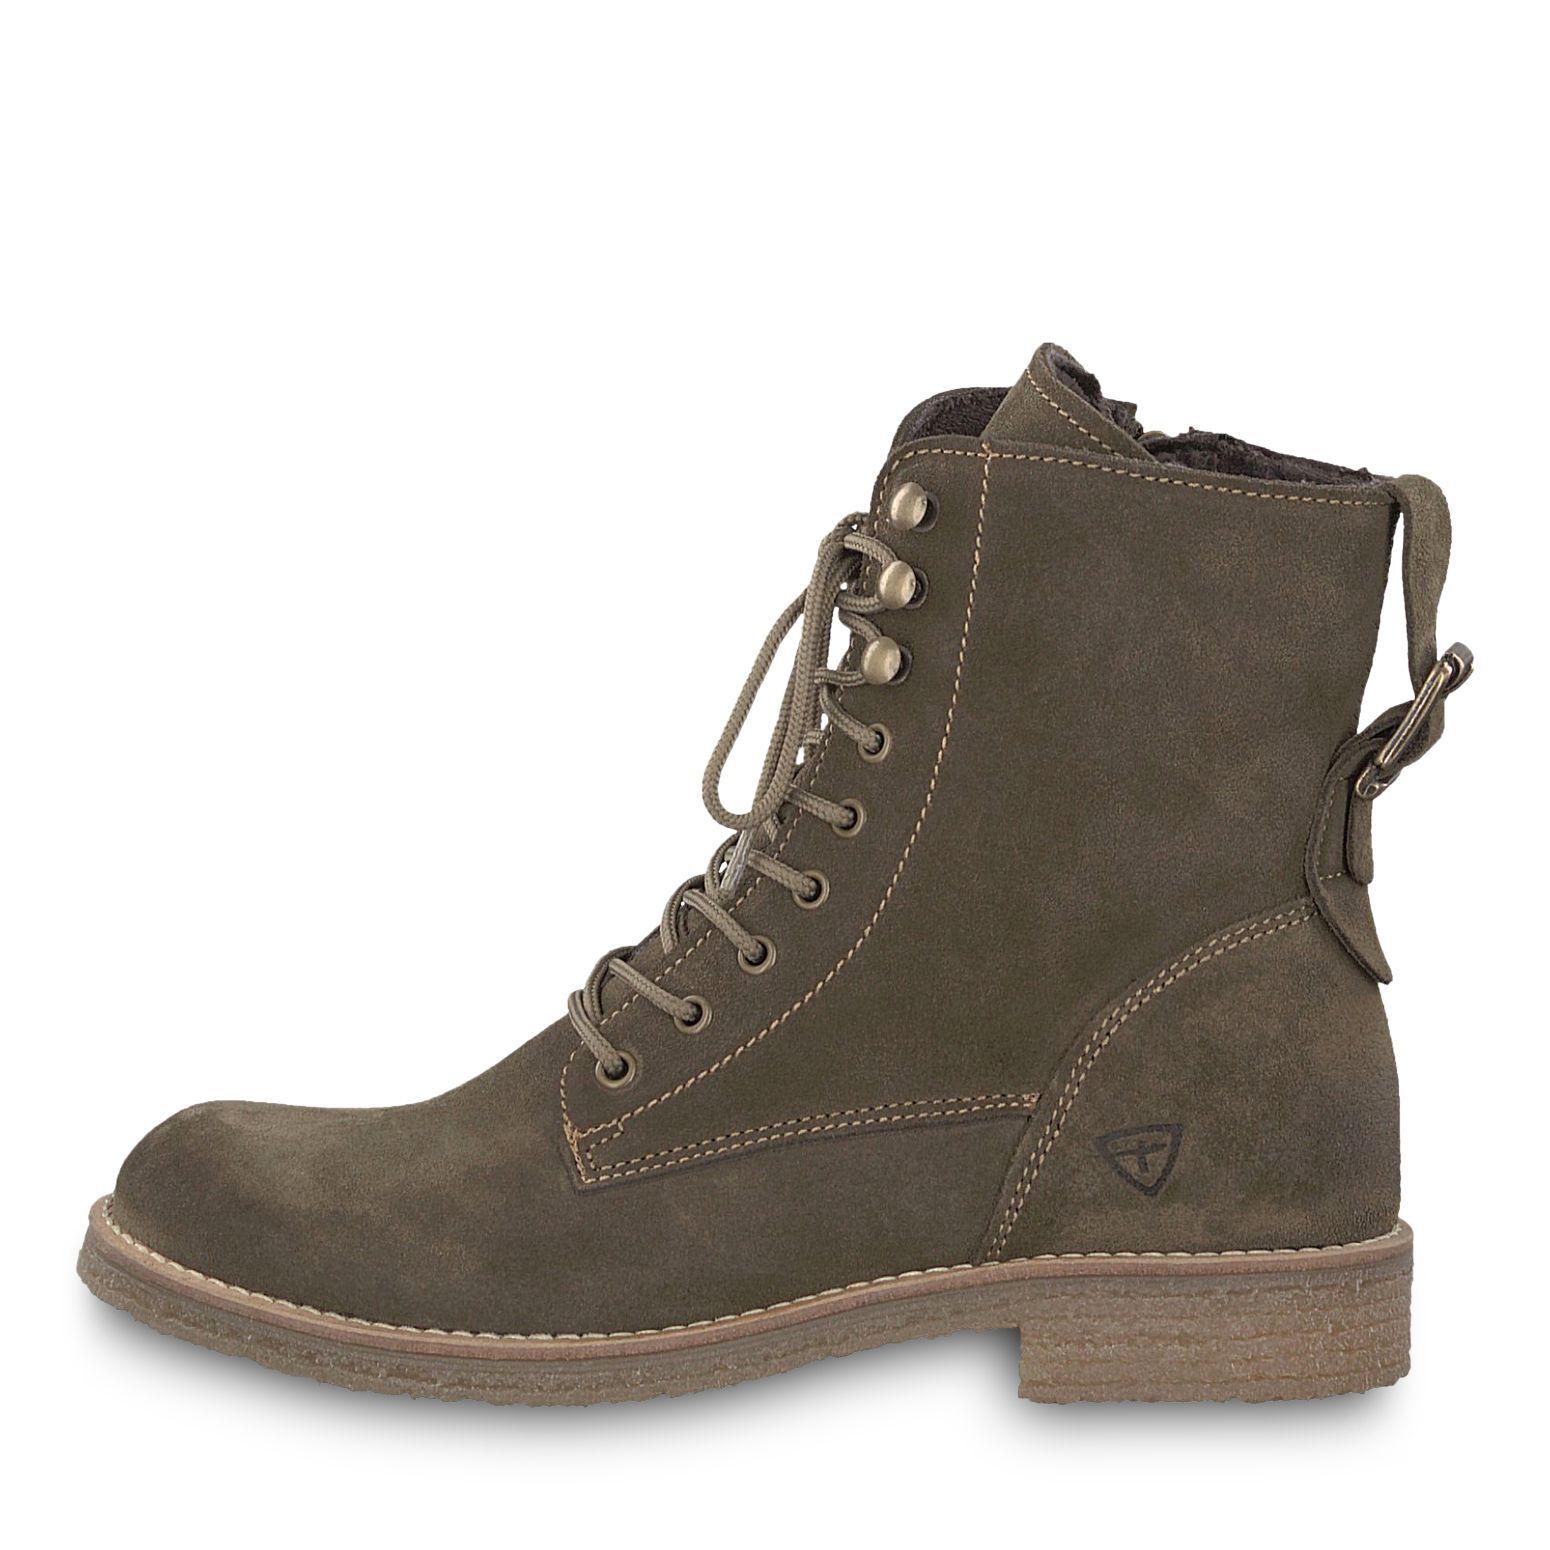 Tamaris Boots IAMEN Tamaris soldes s50o1hky